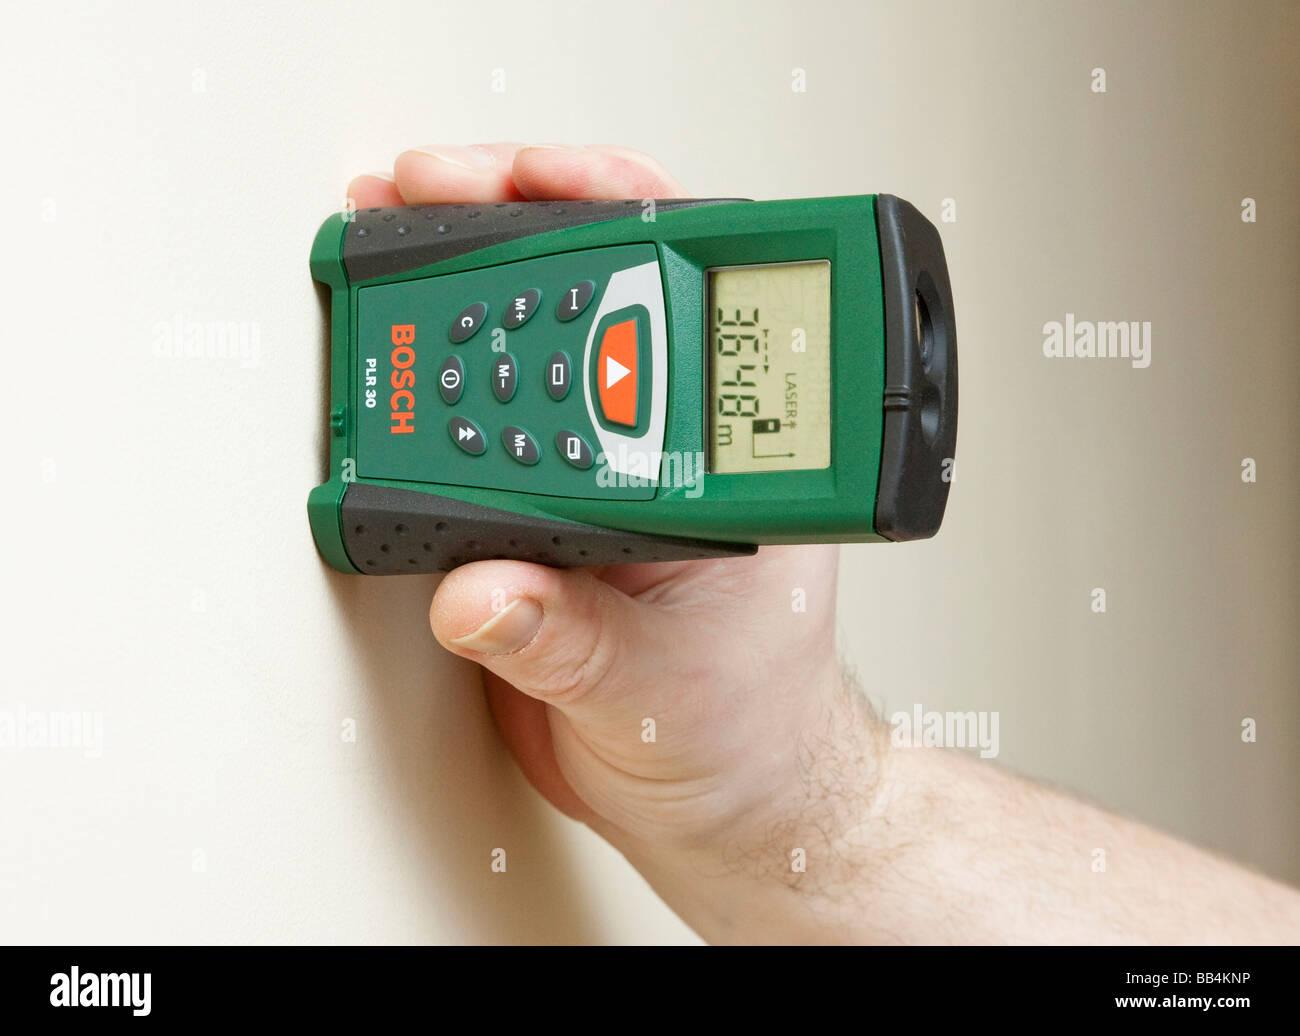 Digitaler Entfernungsmesser Deutschland : Bosch digitaler laser entfernungsmesser stockfoto bild: 24074898